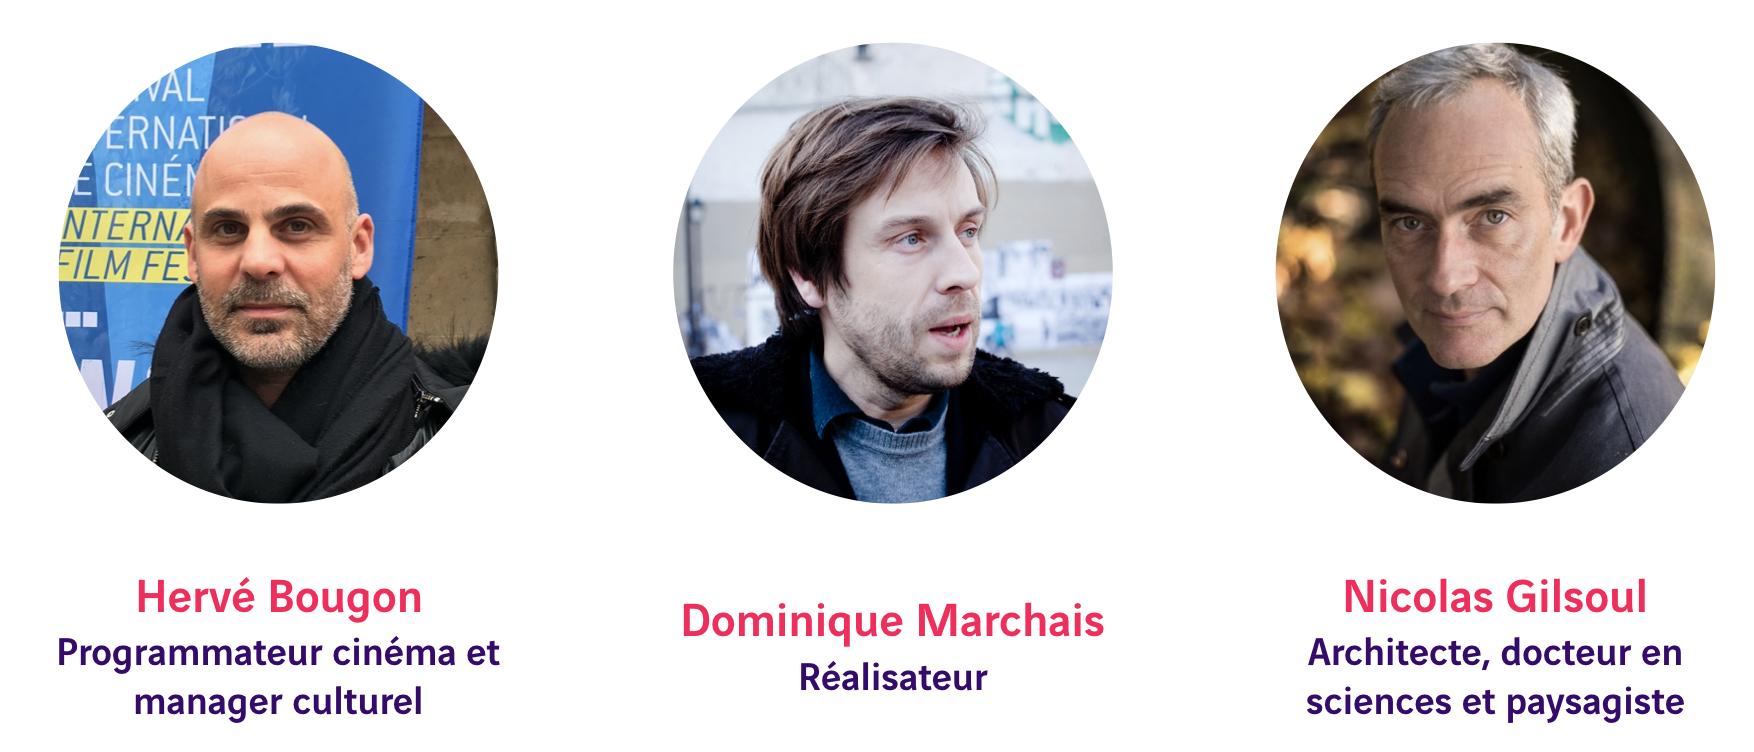 Hervé Bougon, Dominique Marchais, Nicolas Gilsoul